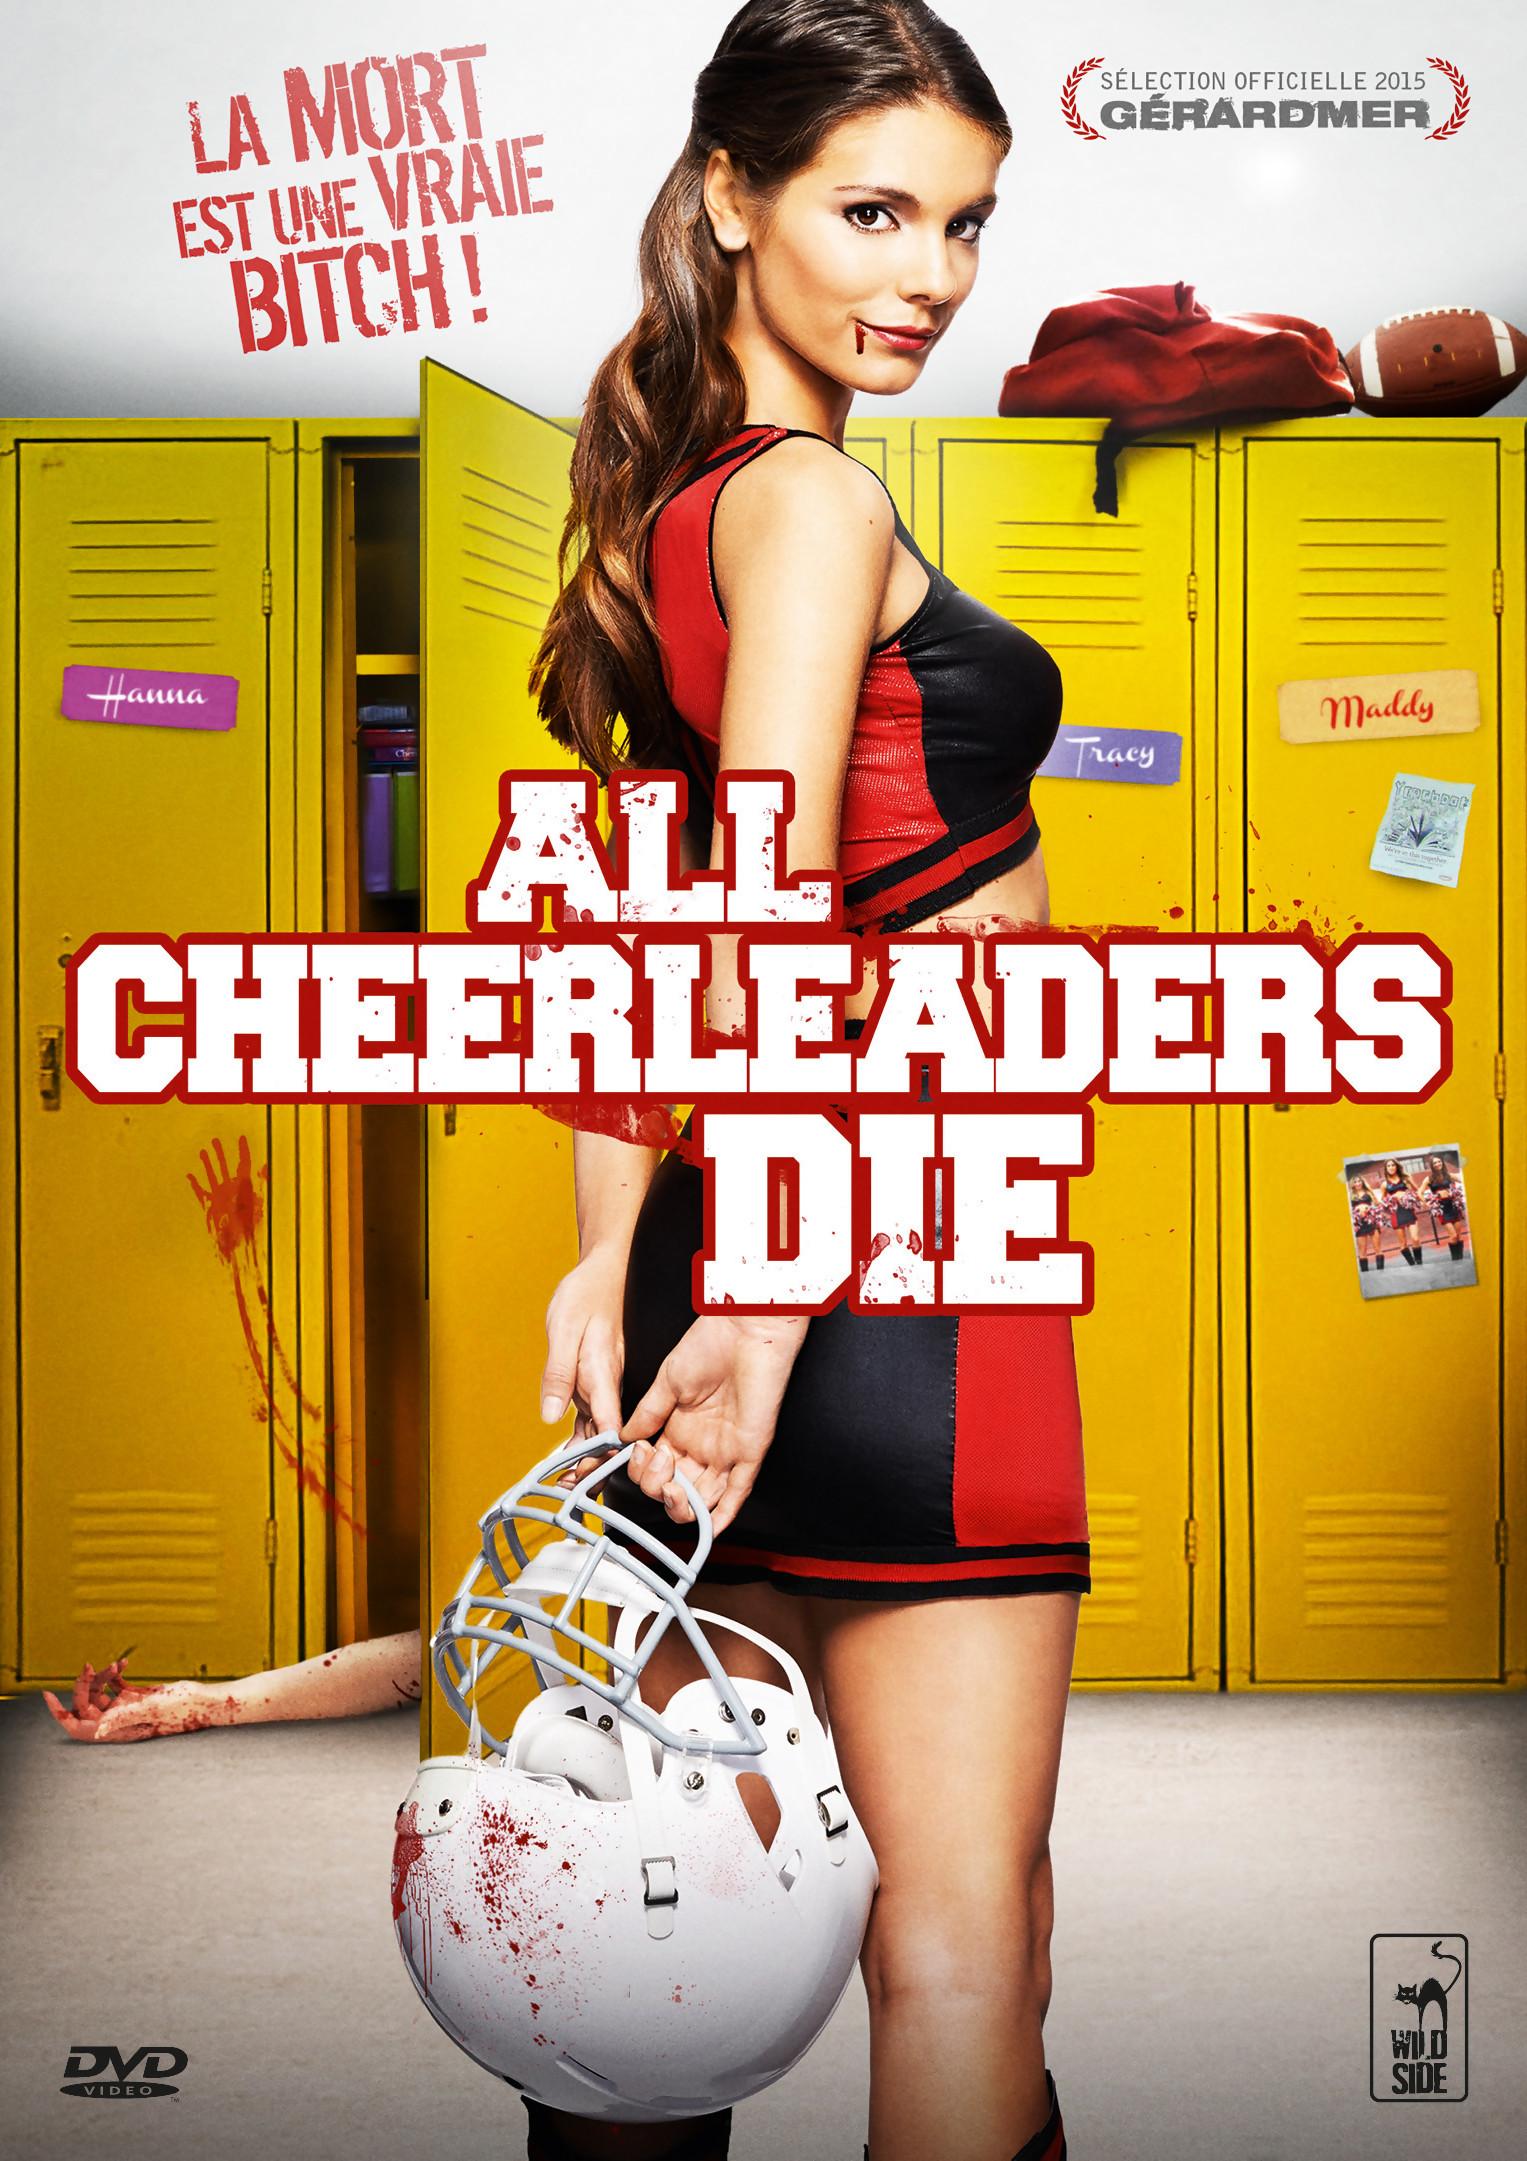 All cheerleaders die the helpful